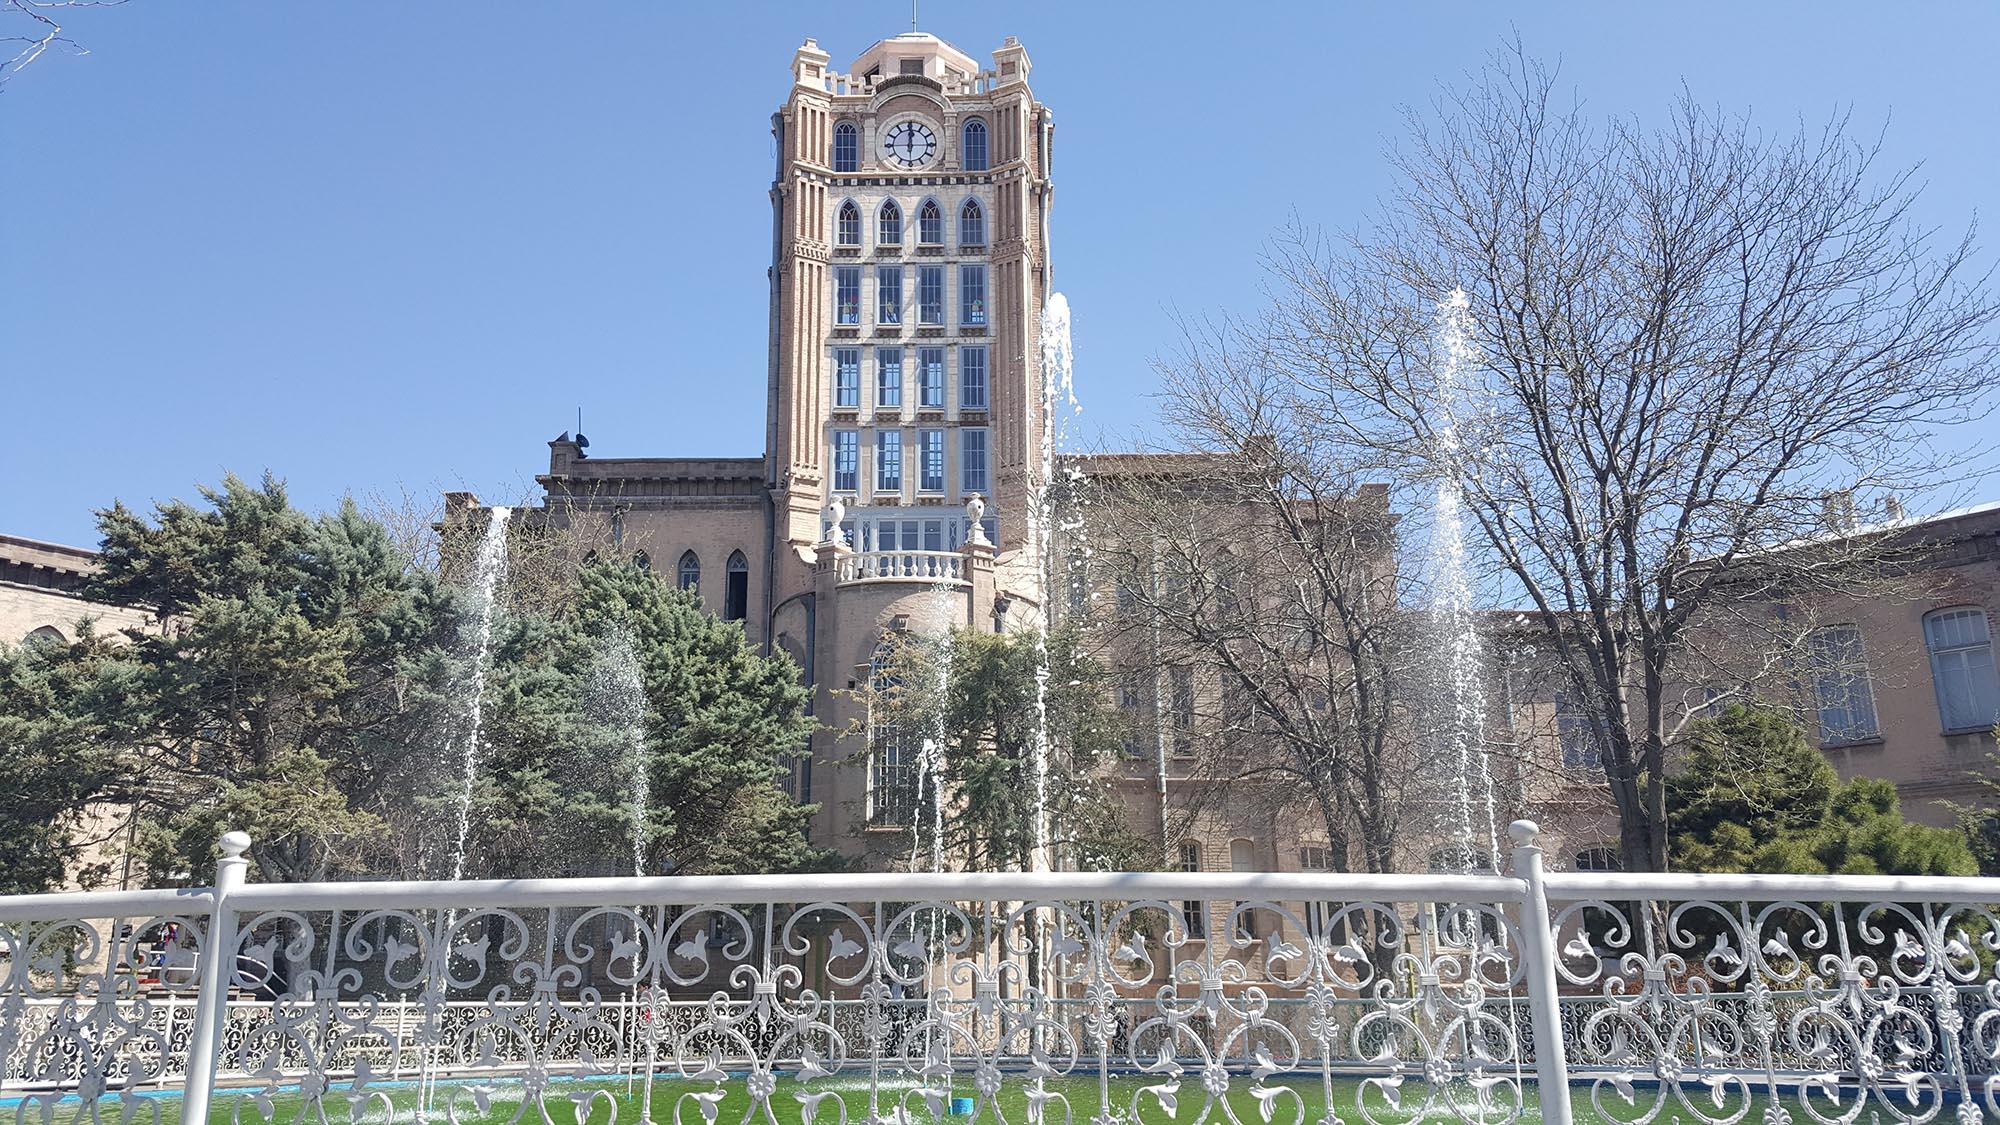 Tabriz Municipality Palace